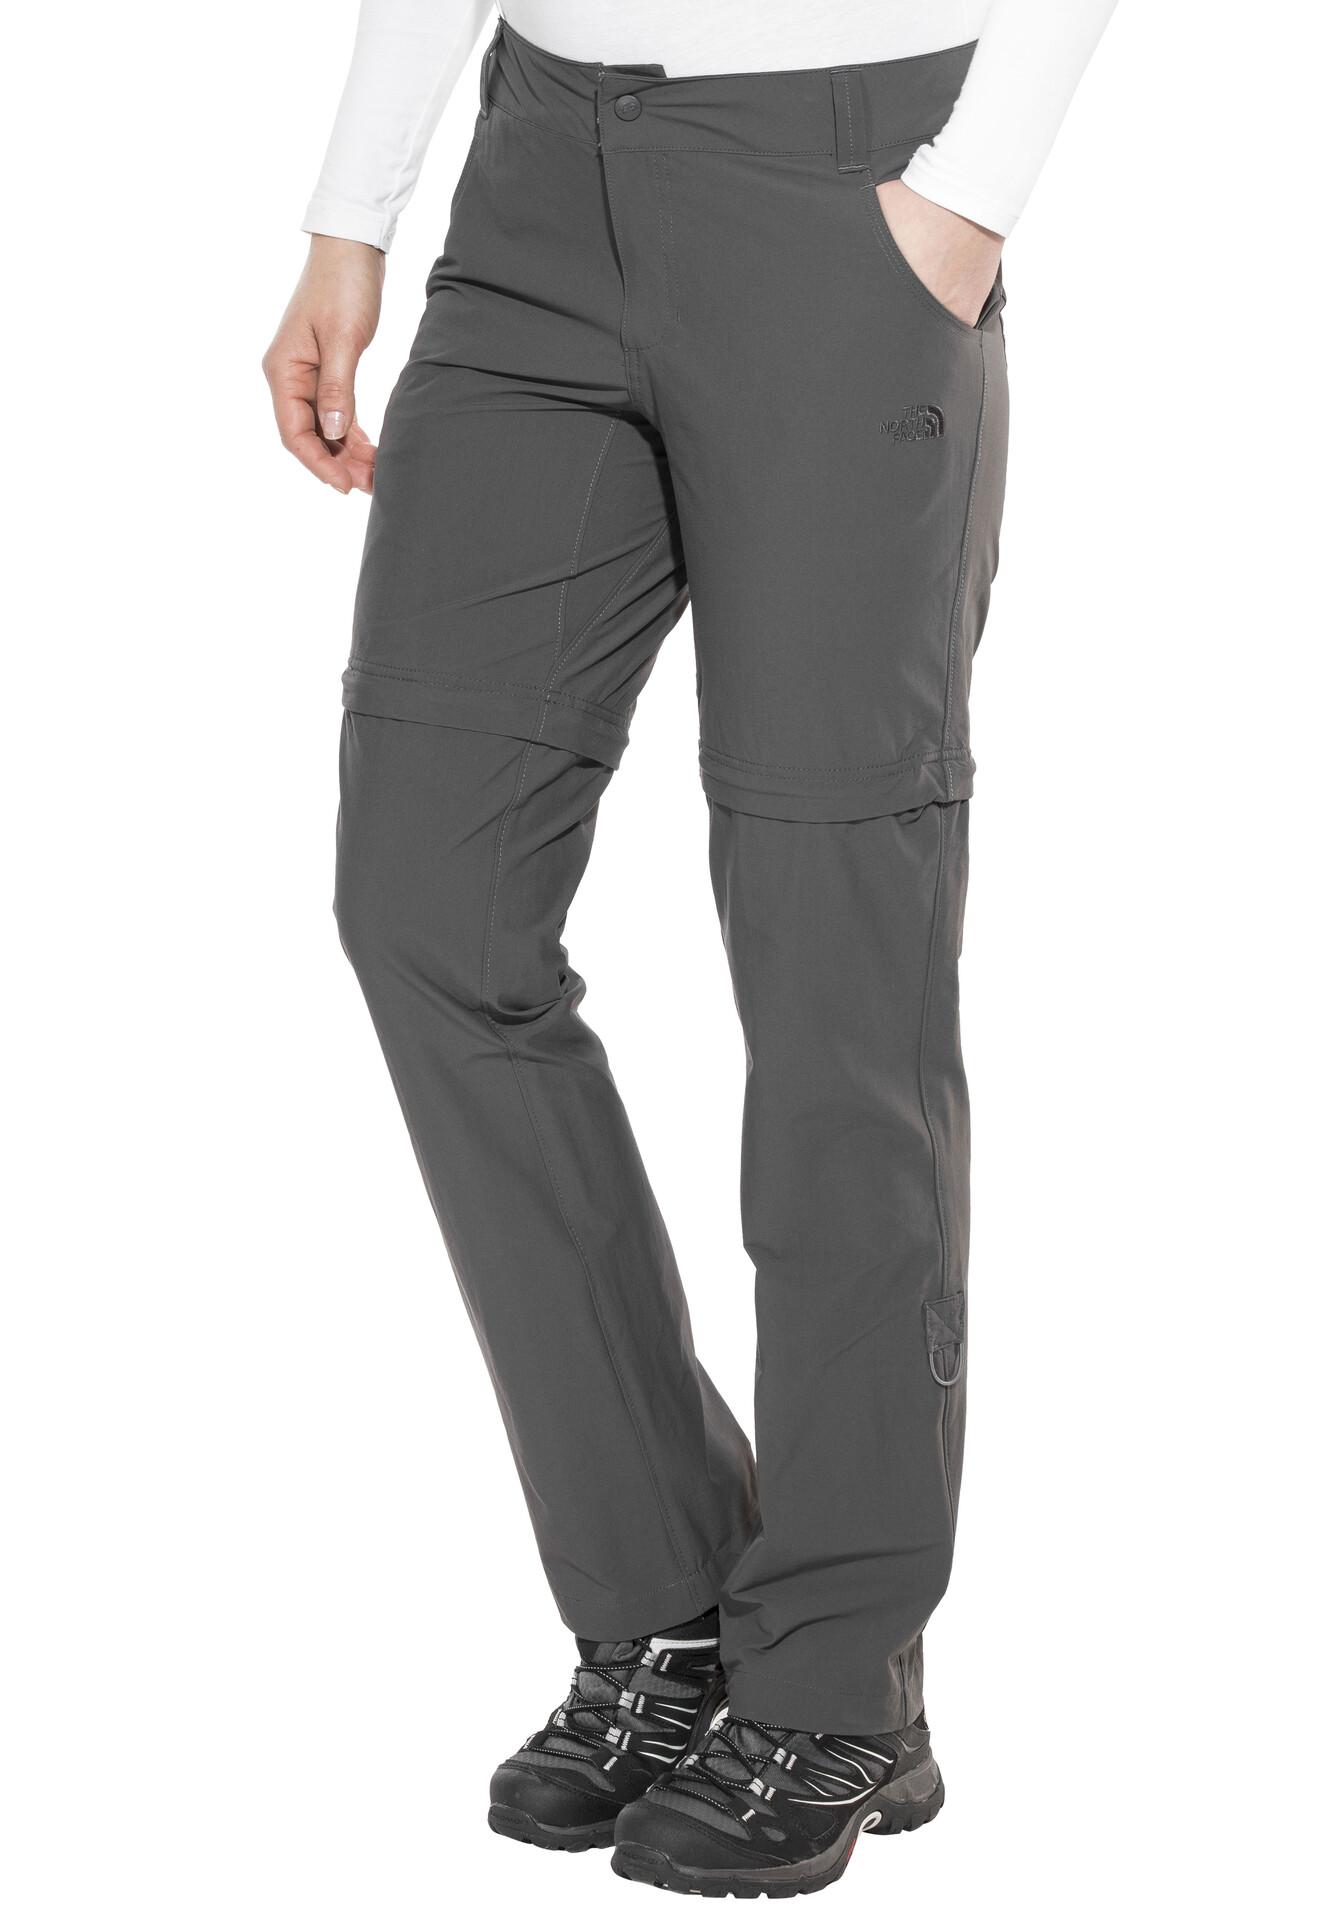 The Pantalon Grey Face Fermeture Éclair Avec Convertible Normal Exploration North FemmeAsphalt WIH9ED2Y